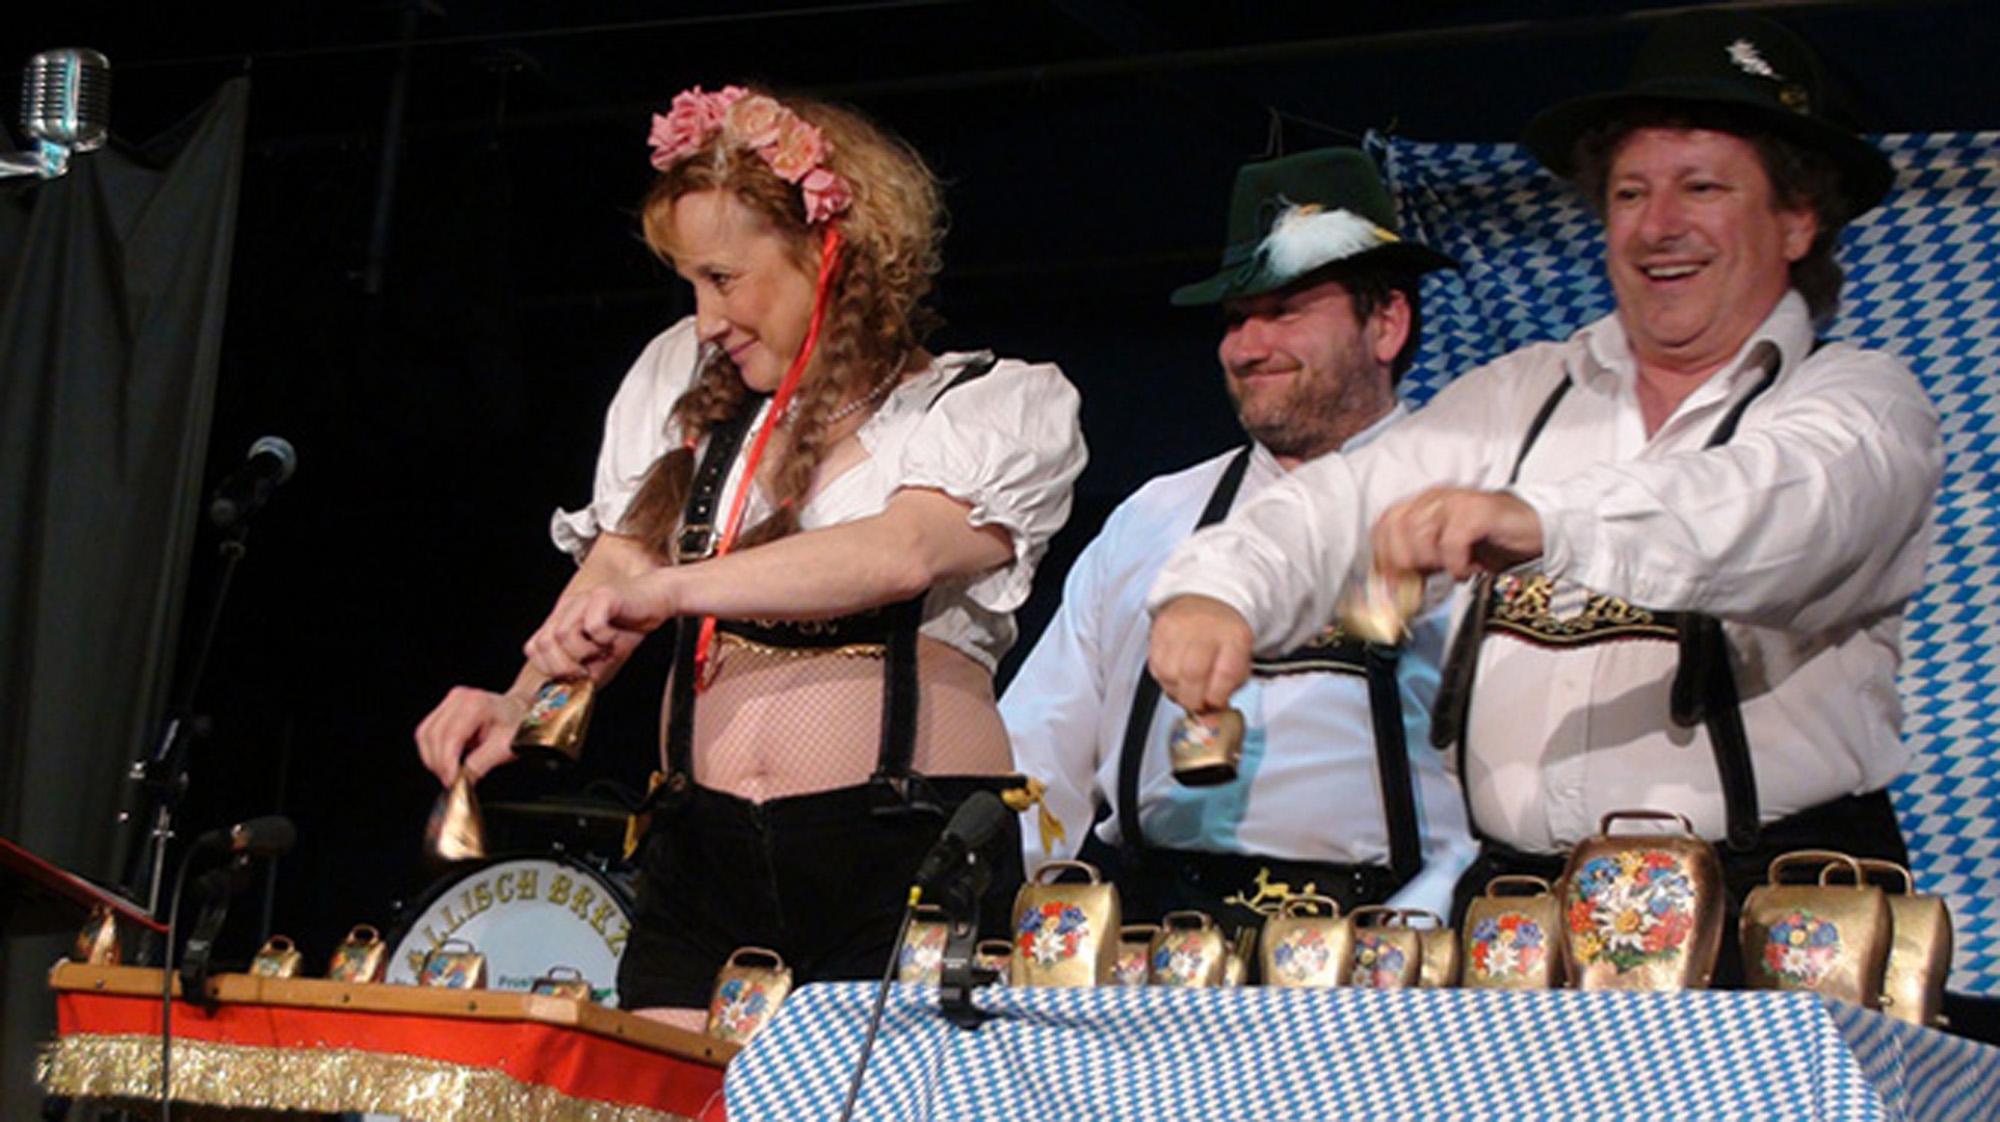 Cheux 14 - Fête de la bière 17-03-2012